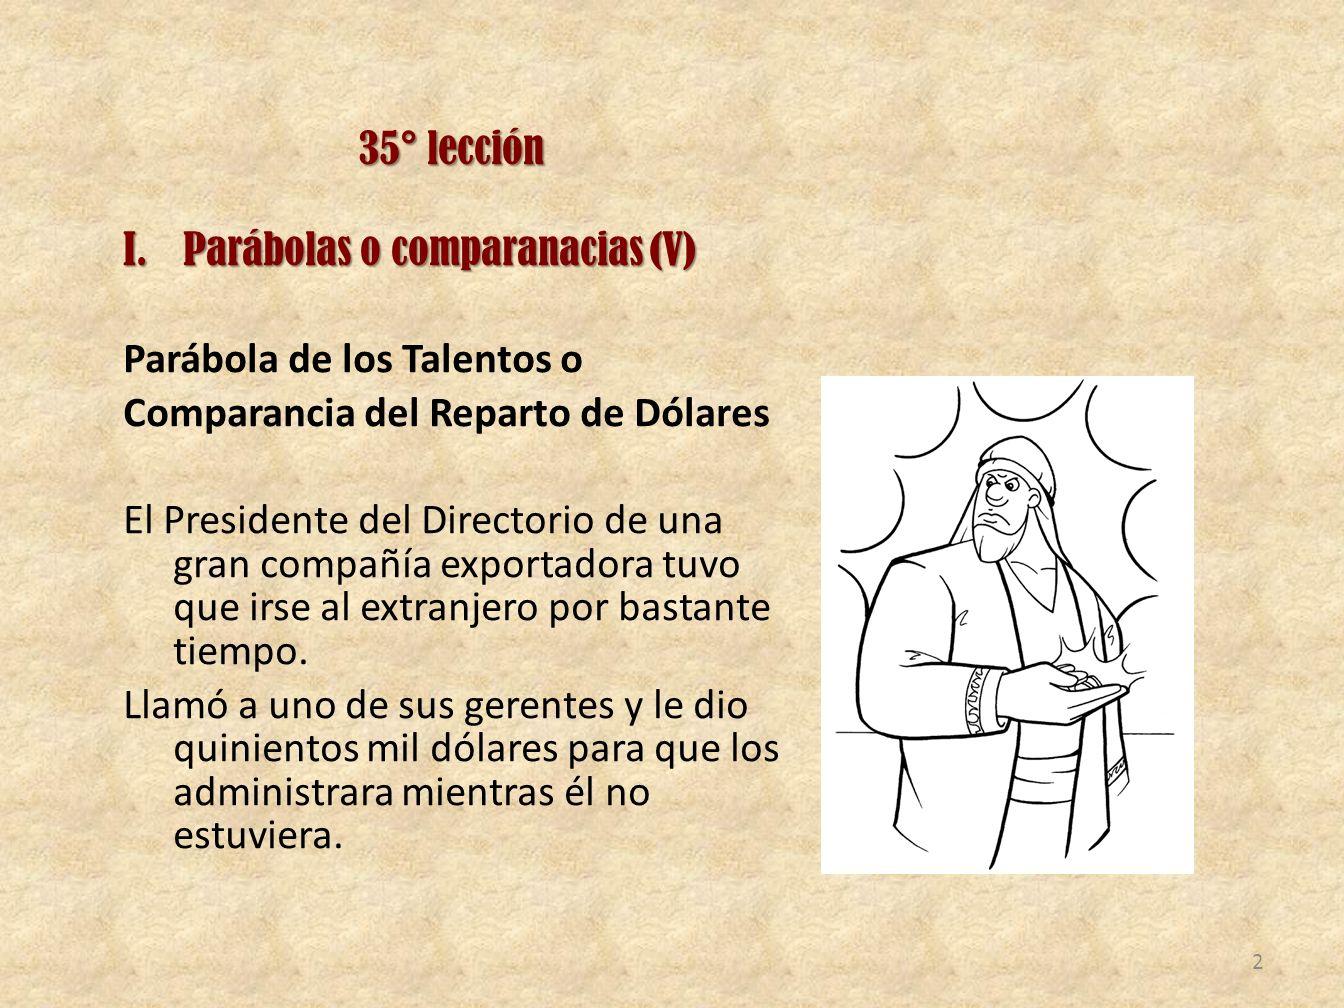 35° lección Parábolas o comparanacias (V) Parábola de los Talentos o. Comparancia del Reparto de Dólares.